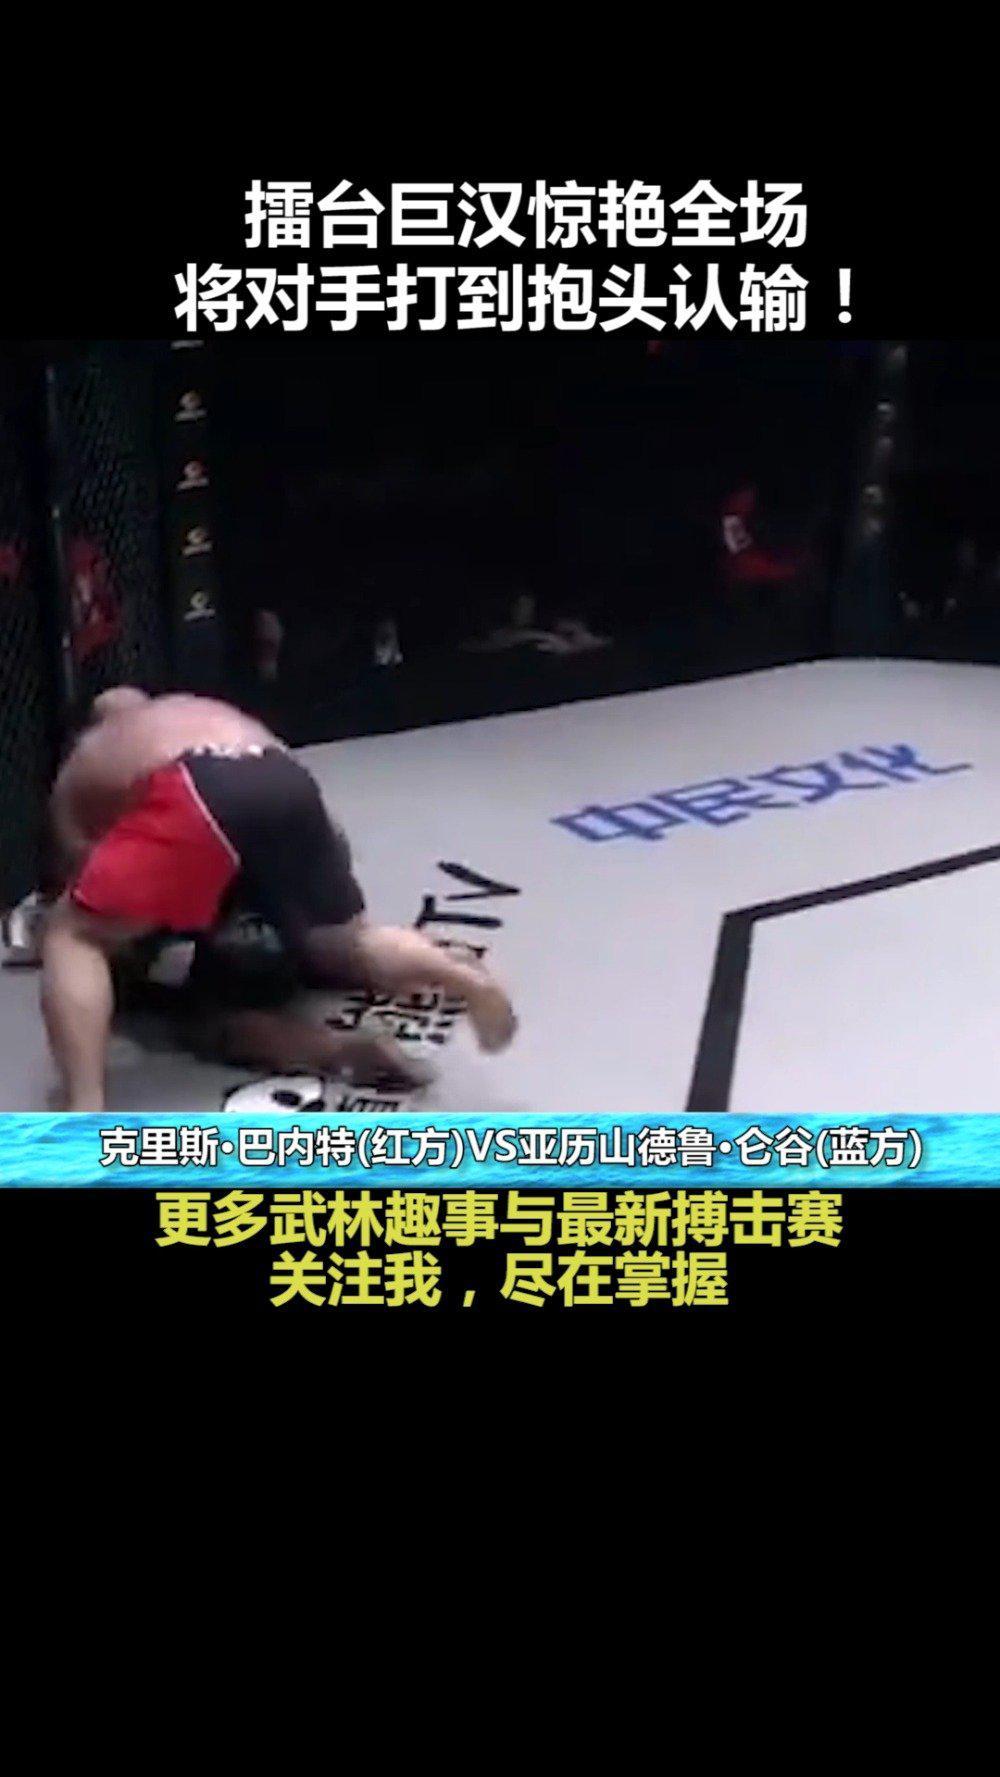 擂台巨汉惊艳全场,将对手打到抱头认输!